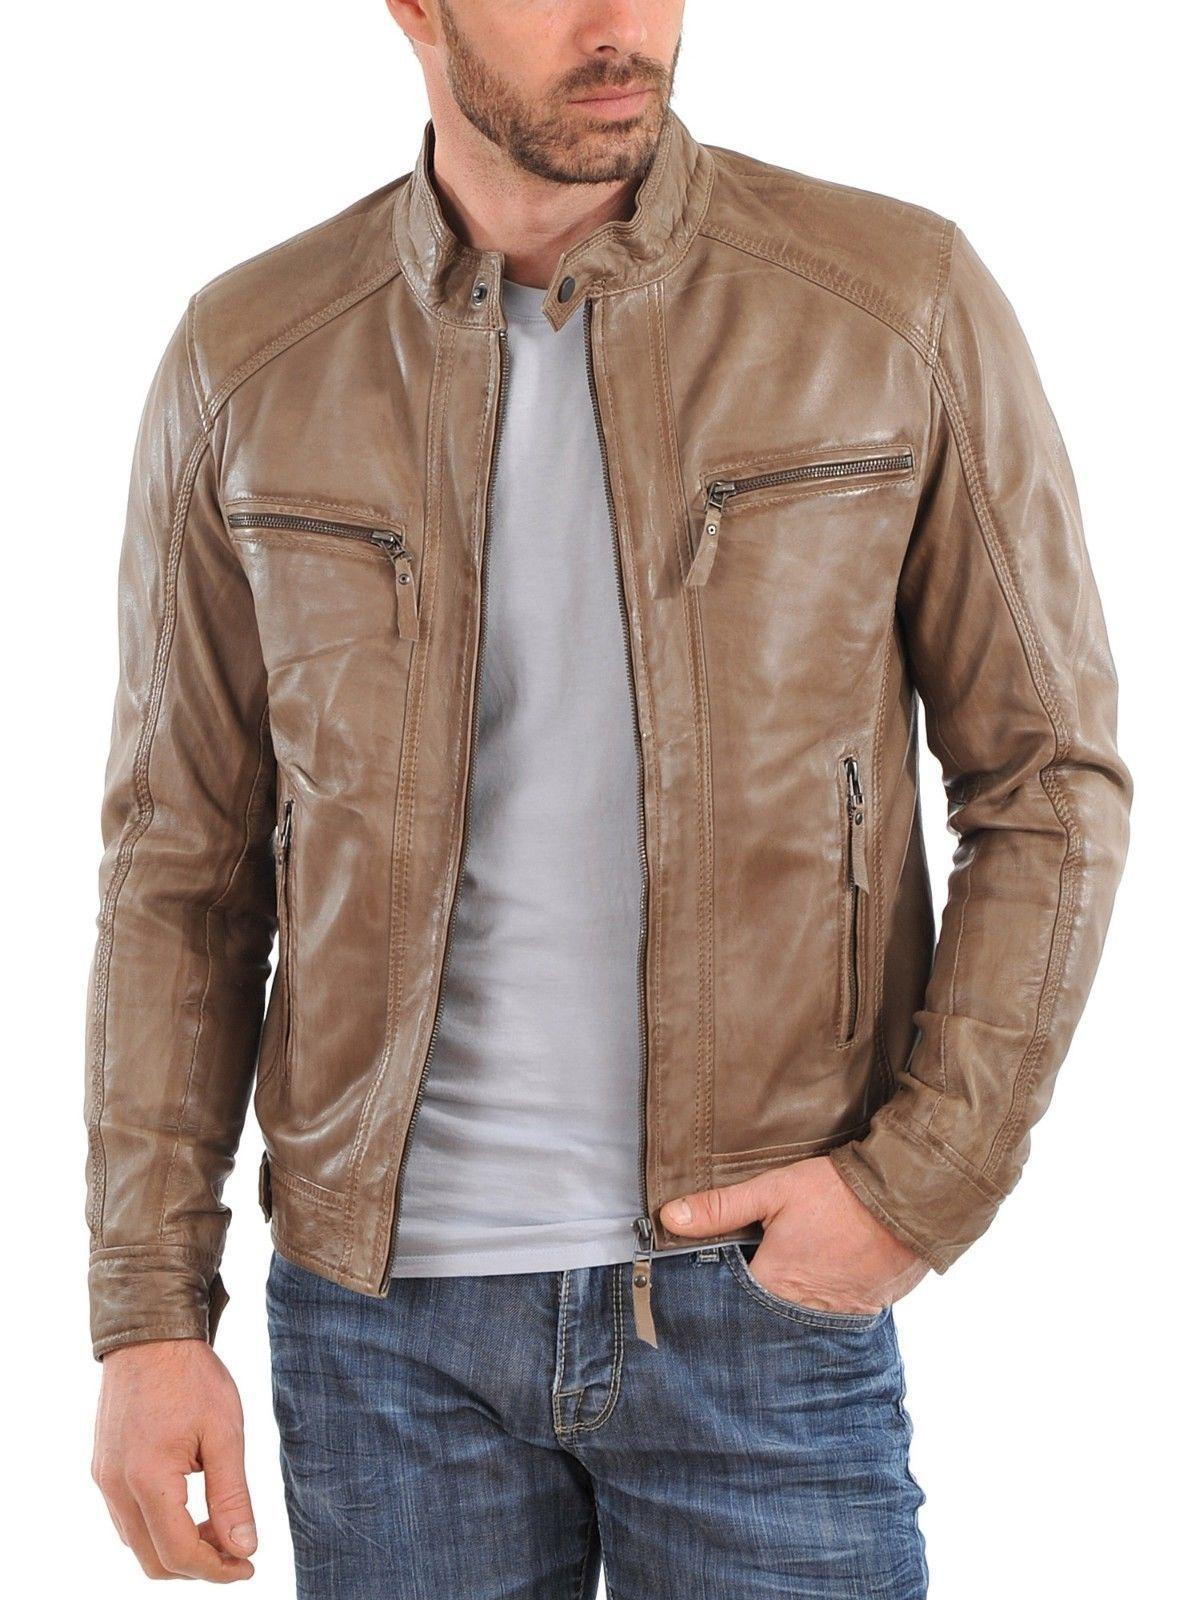 Men's stylish motorcycle leather jacket designer